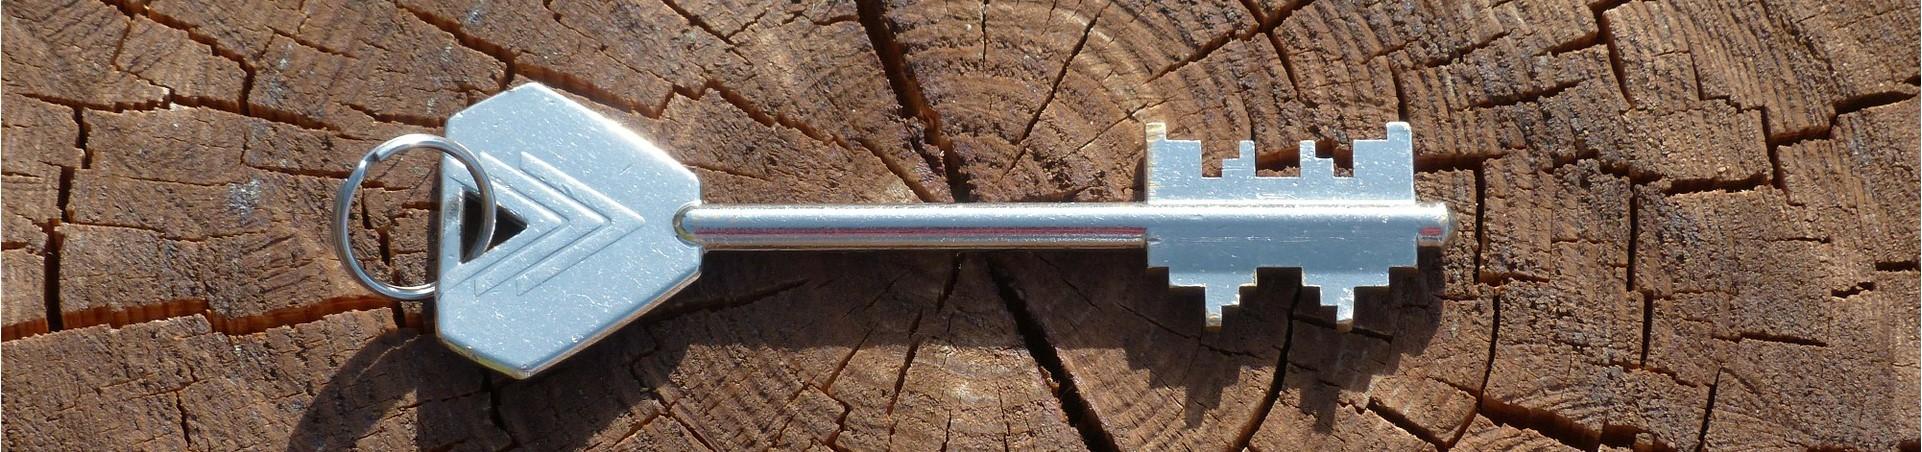 Key on wood